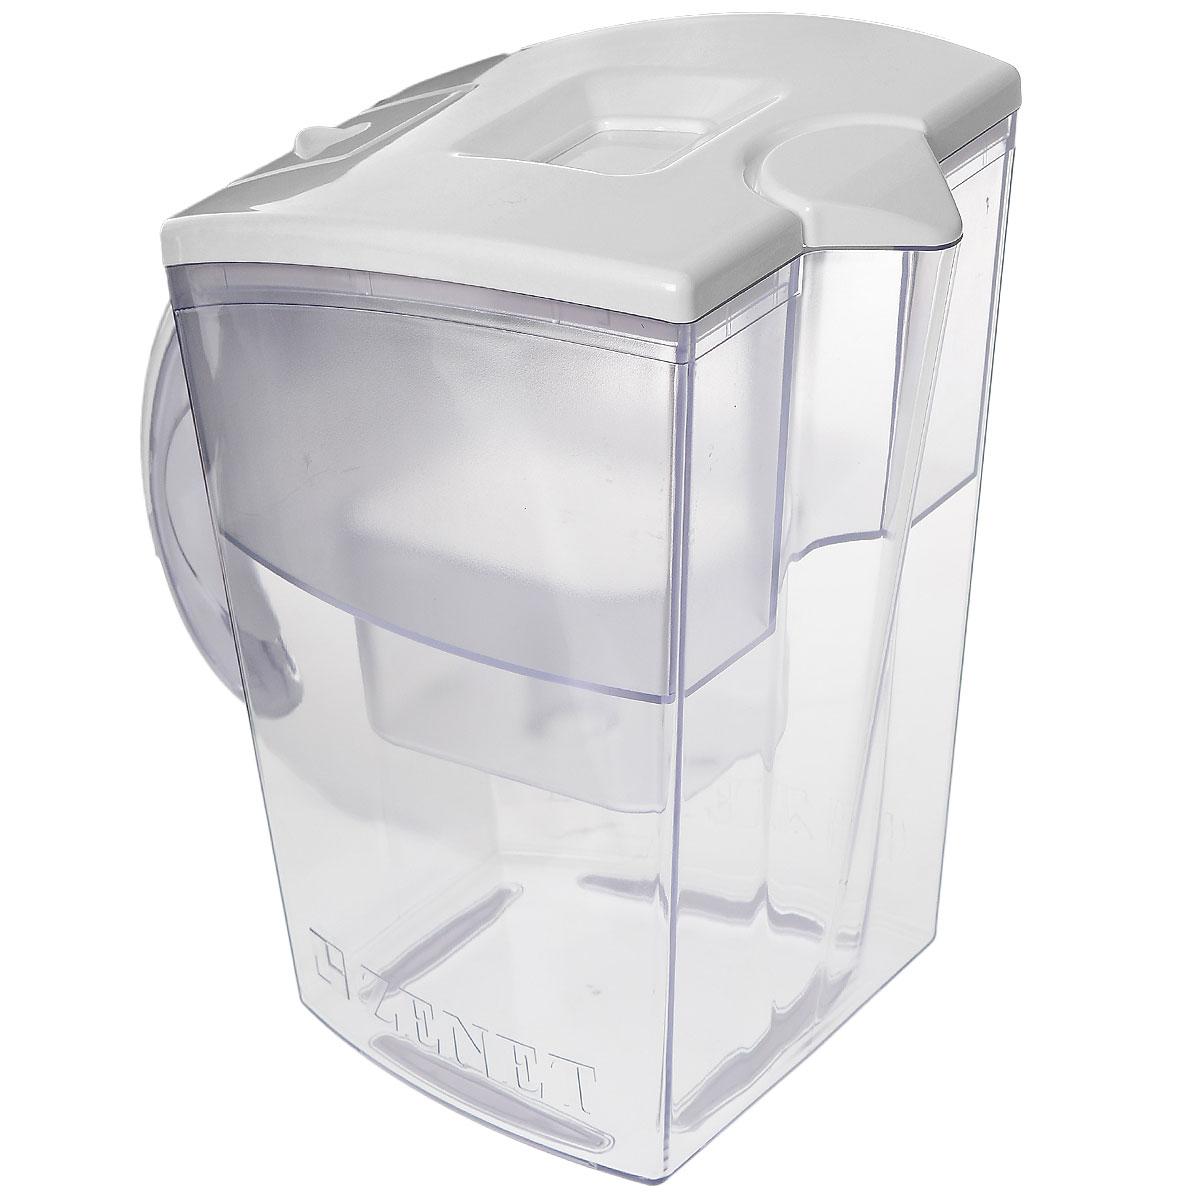 Фильтр-кувшин Zenet, цвет: белый, 4 л00000336Фильтр-кувшин Zenet предназначен для доочистки водопроводной воды. Имеет элегантный дизайн и максимальное удобство в использовании. Обладает вместительной емкостью для воды 4 литра, которая позволяет очищать больше воды за один раз. Изготовлен из высококачественного пищевого пластика и оснащен удобной ручкой. Основание фильтр-кувшина имеет резиновые ножки, предотвращающие скольжение по столу. Изделие будет полезно в квартирах или загородных домах, где не установлен стационарный фильтр для воды.